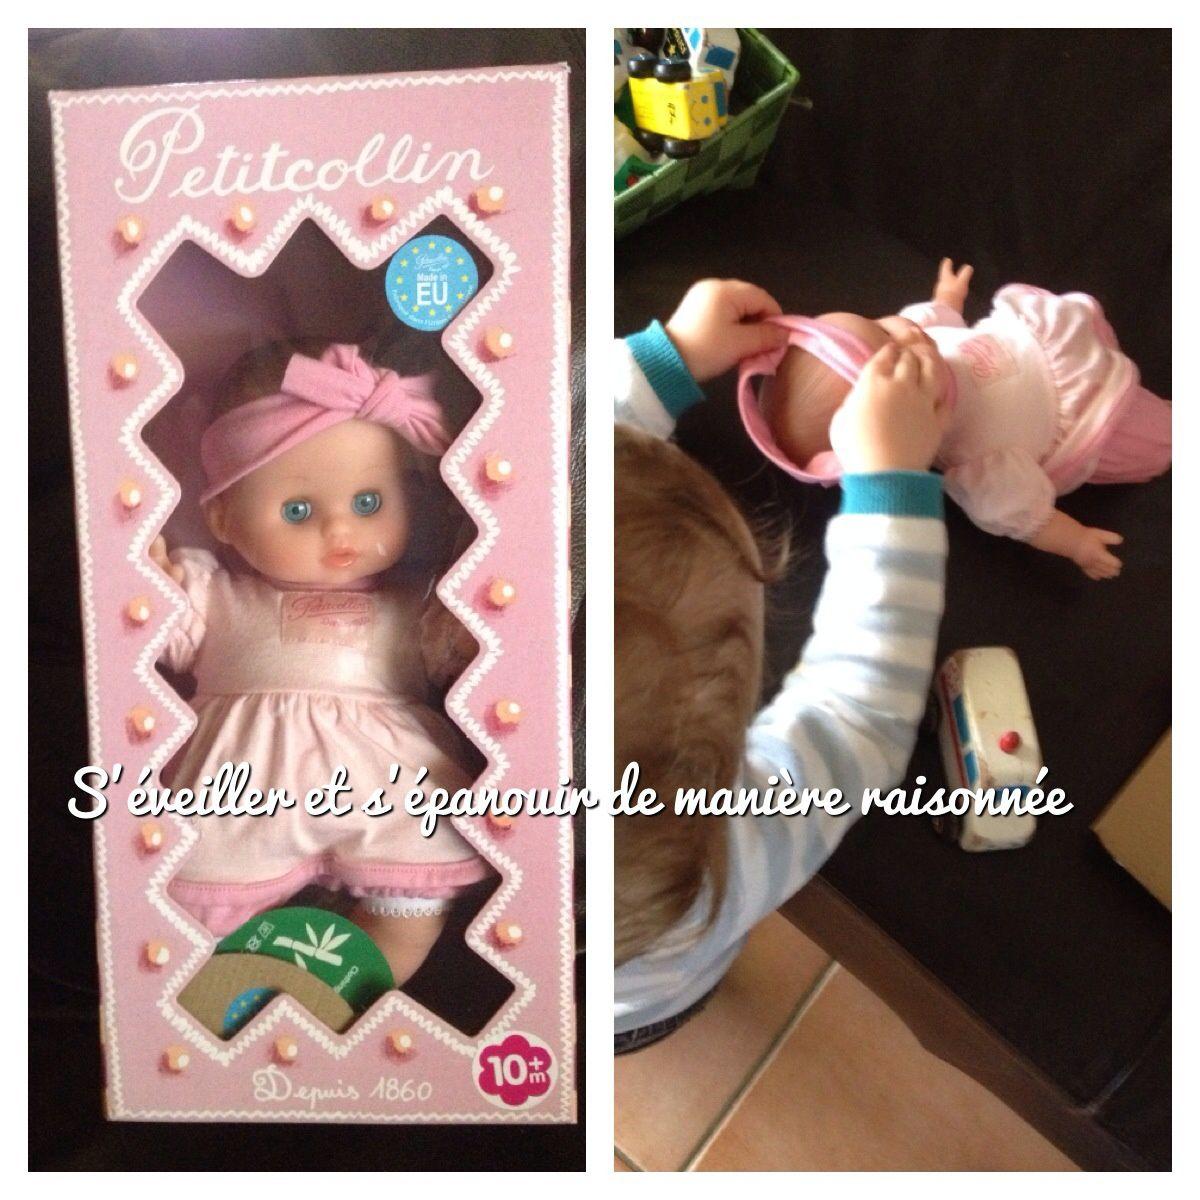 Une poupée écolo (matières naturelles et écologiques) - Petitcollin chez Sebio